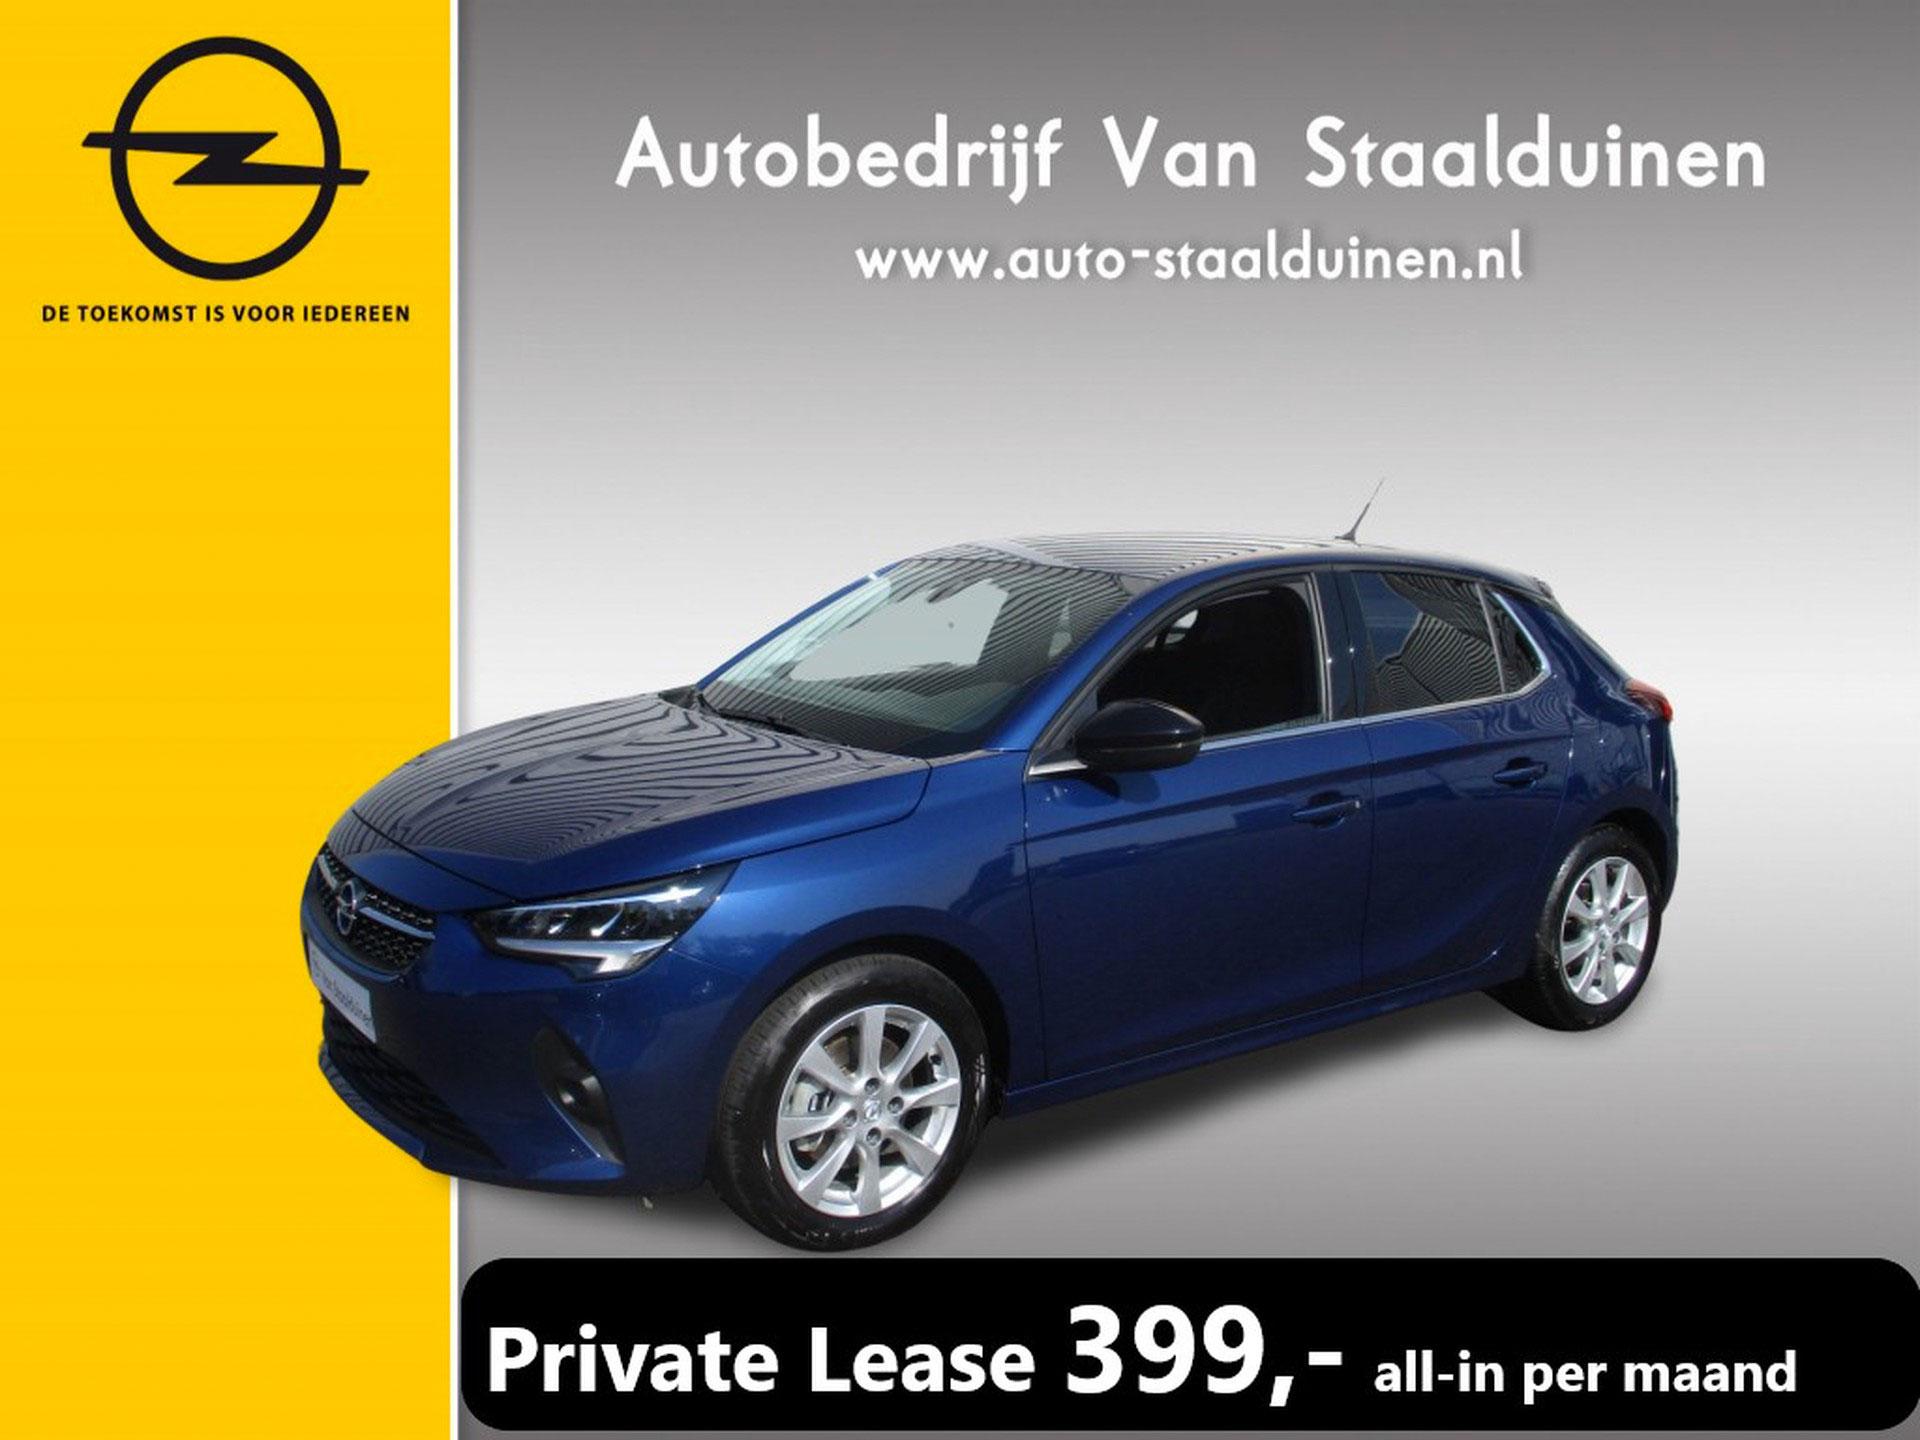 Private lease de Corsa